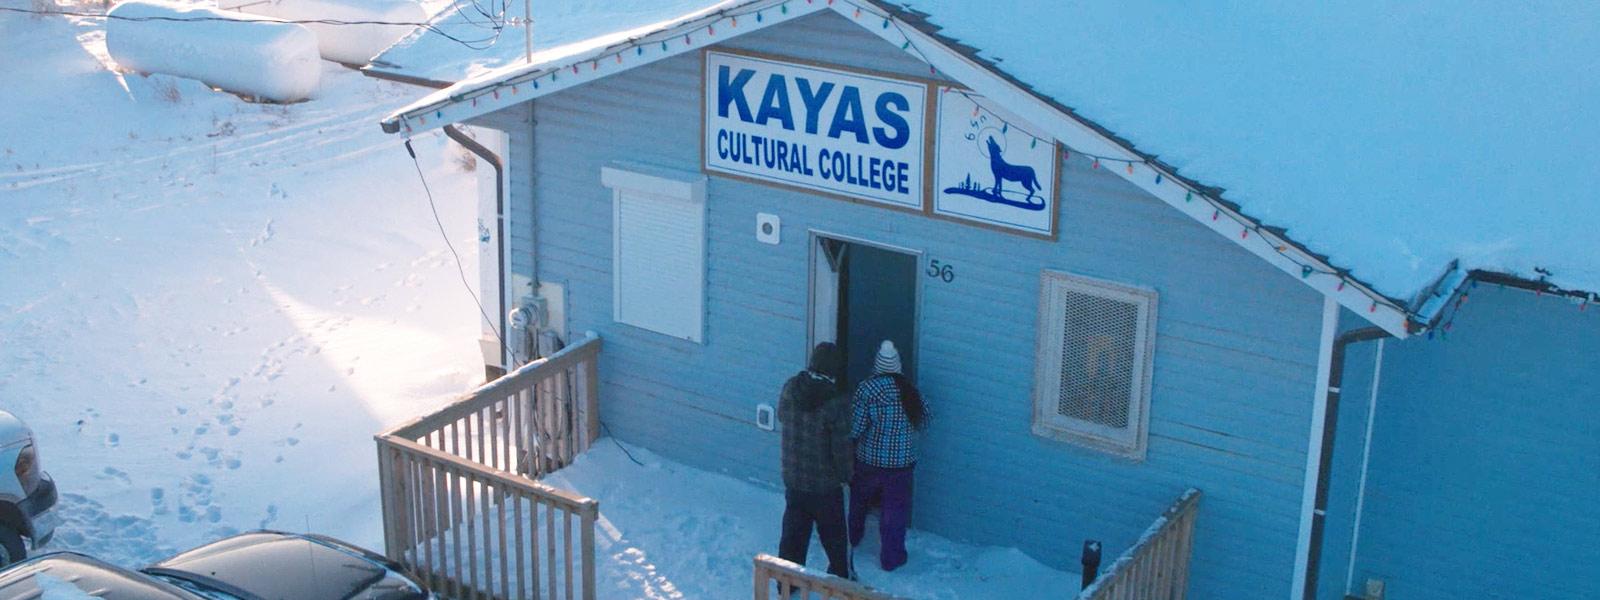 Vista exterior de um dos edifícios do Kayas Cultural College num dia de neve, com dois estudantes a entrarem.